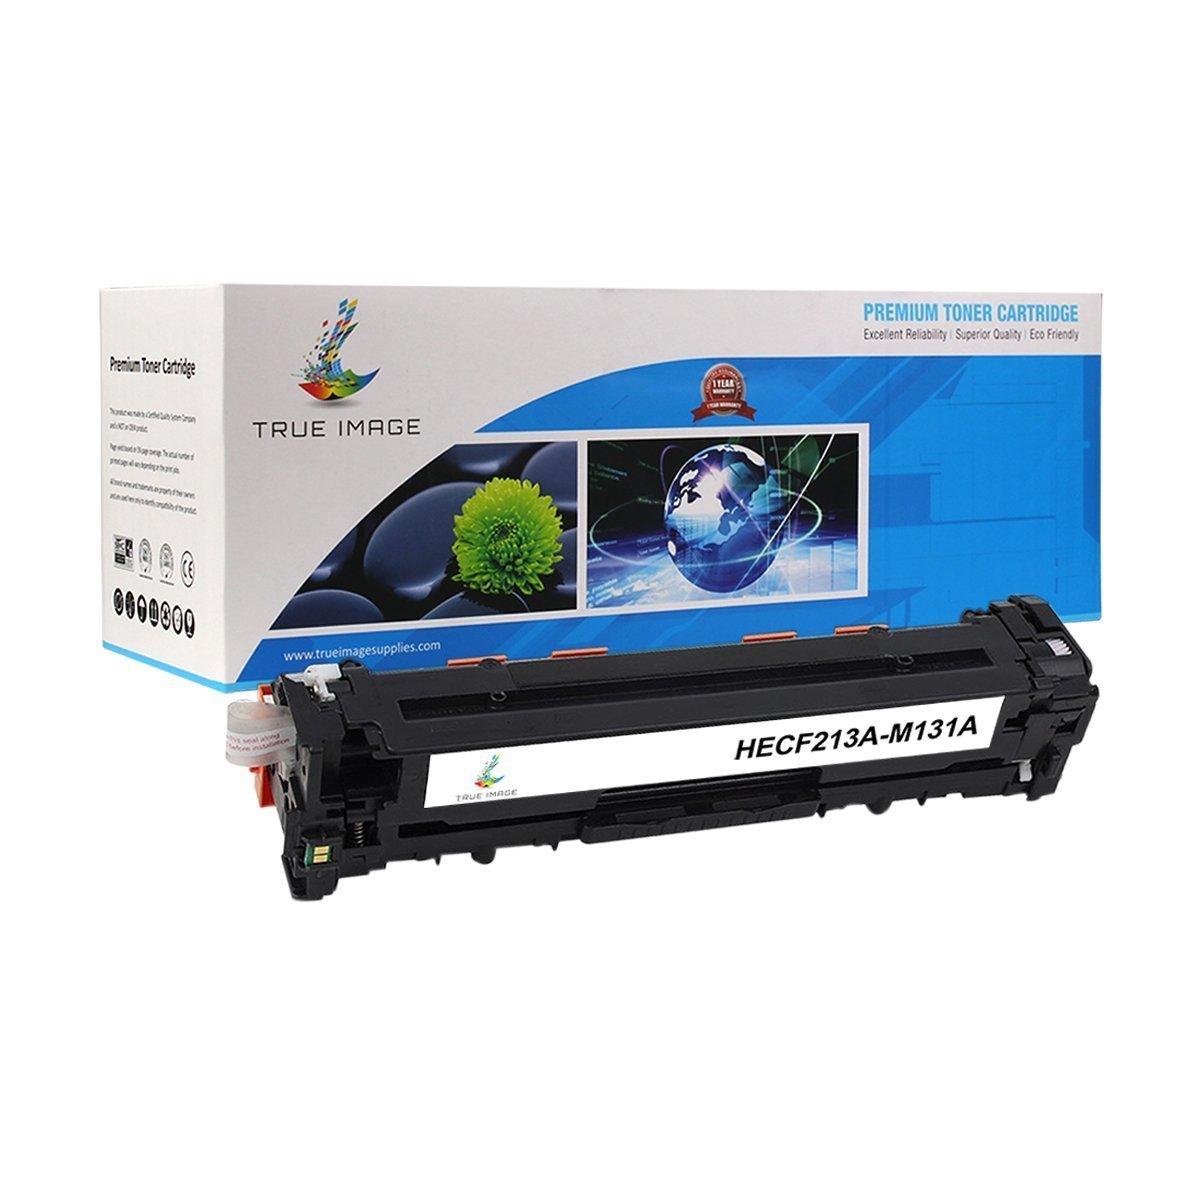 TRUE IMAGE    Đúng như 131 và máy in laser bột màu tương thích thay thế việc áp dụng cho HP LaserJet